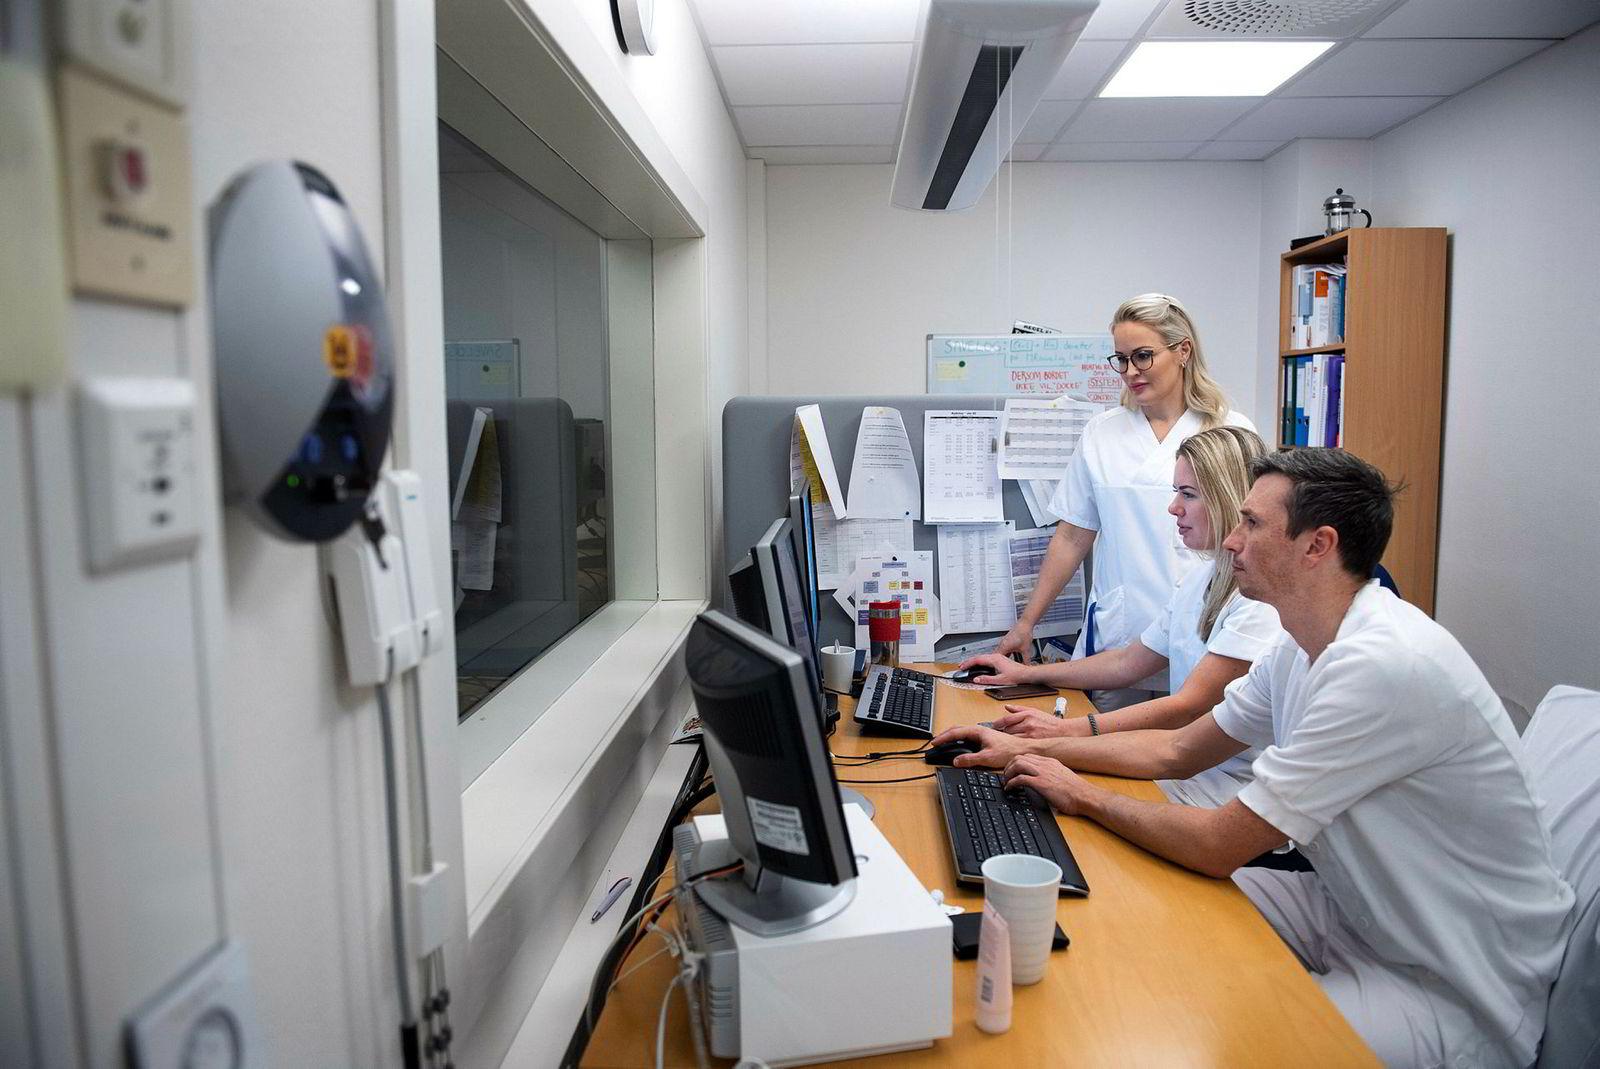 Stine Bøe Gundersen (bakerst) er en av lederne ved Diakonhjemmet sykehus som har en frivillig mentor. Her sammen med radiogrefene Lise Sellevold og Dag Sjølie.